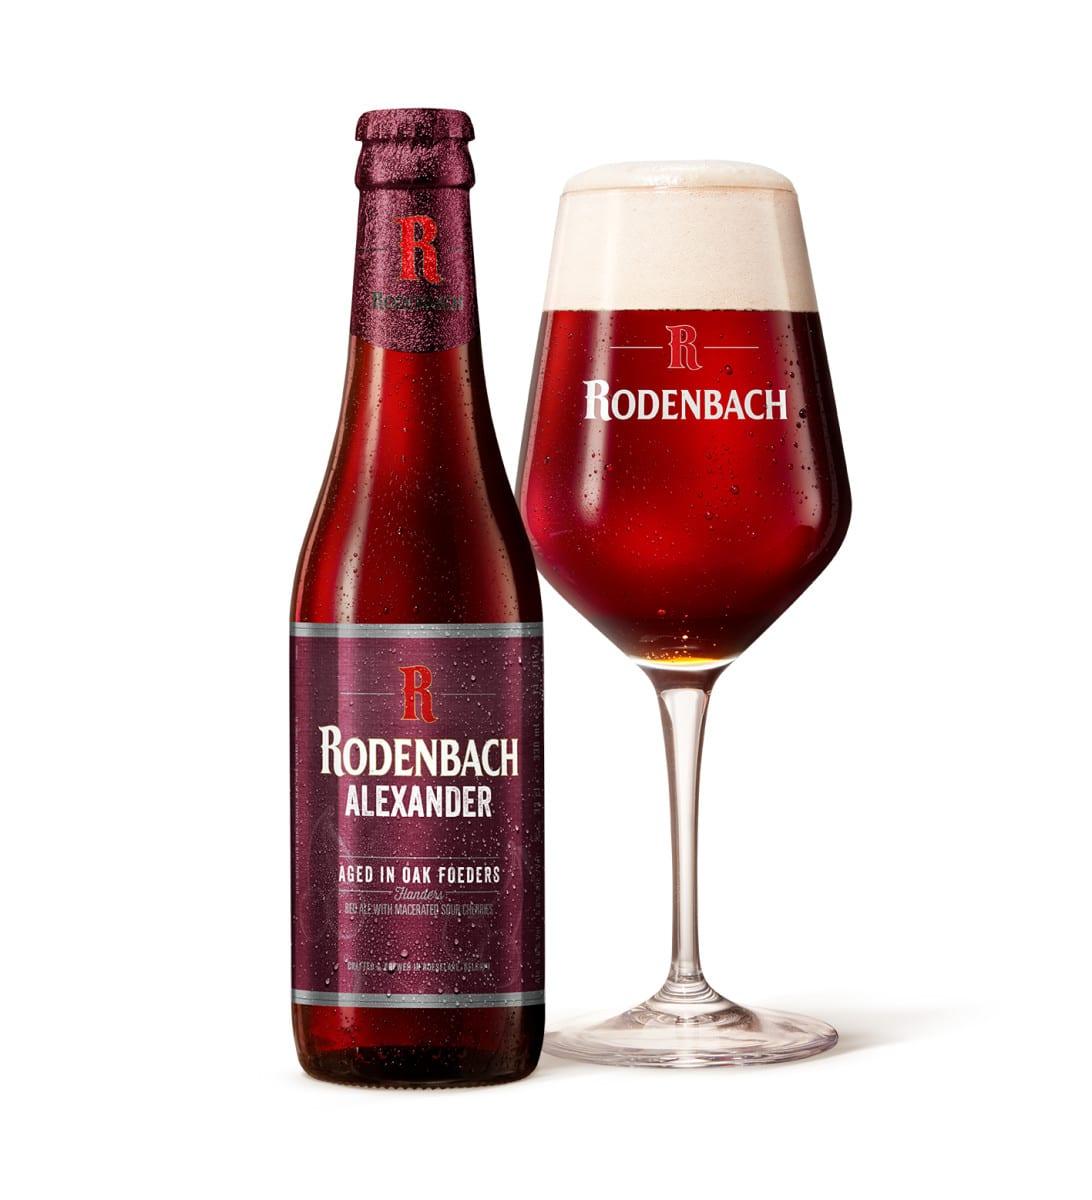 http___www.palmimagebank.com_files_files_RodenbachAlexander2018_Alexander_33cl_BottleWineglass_RGB_LOW